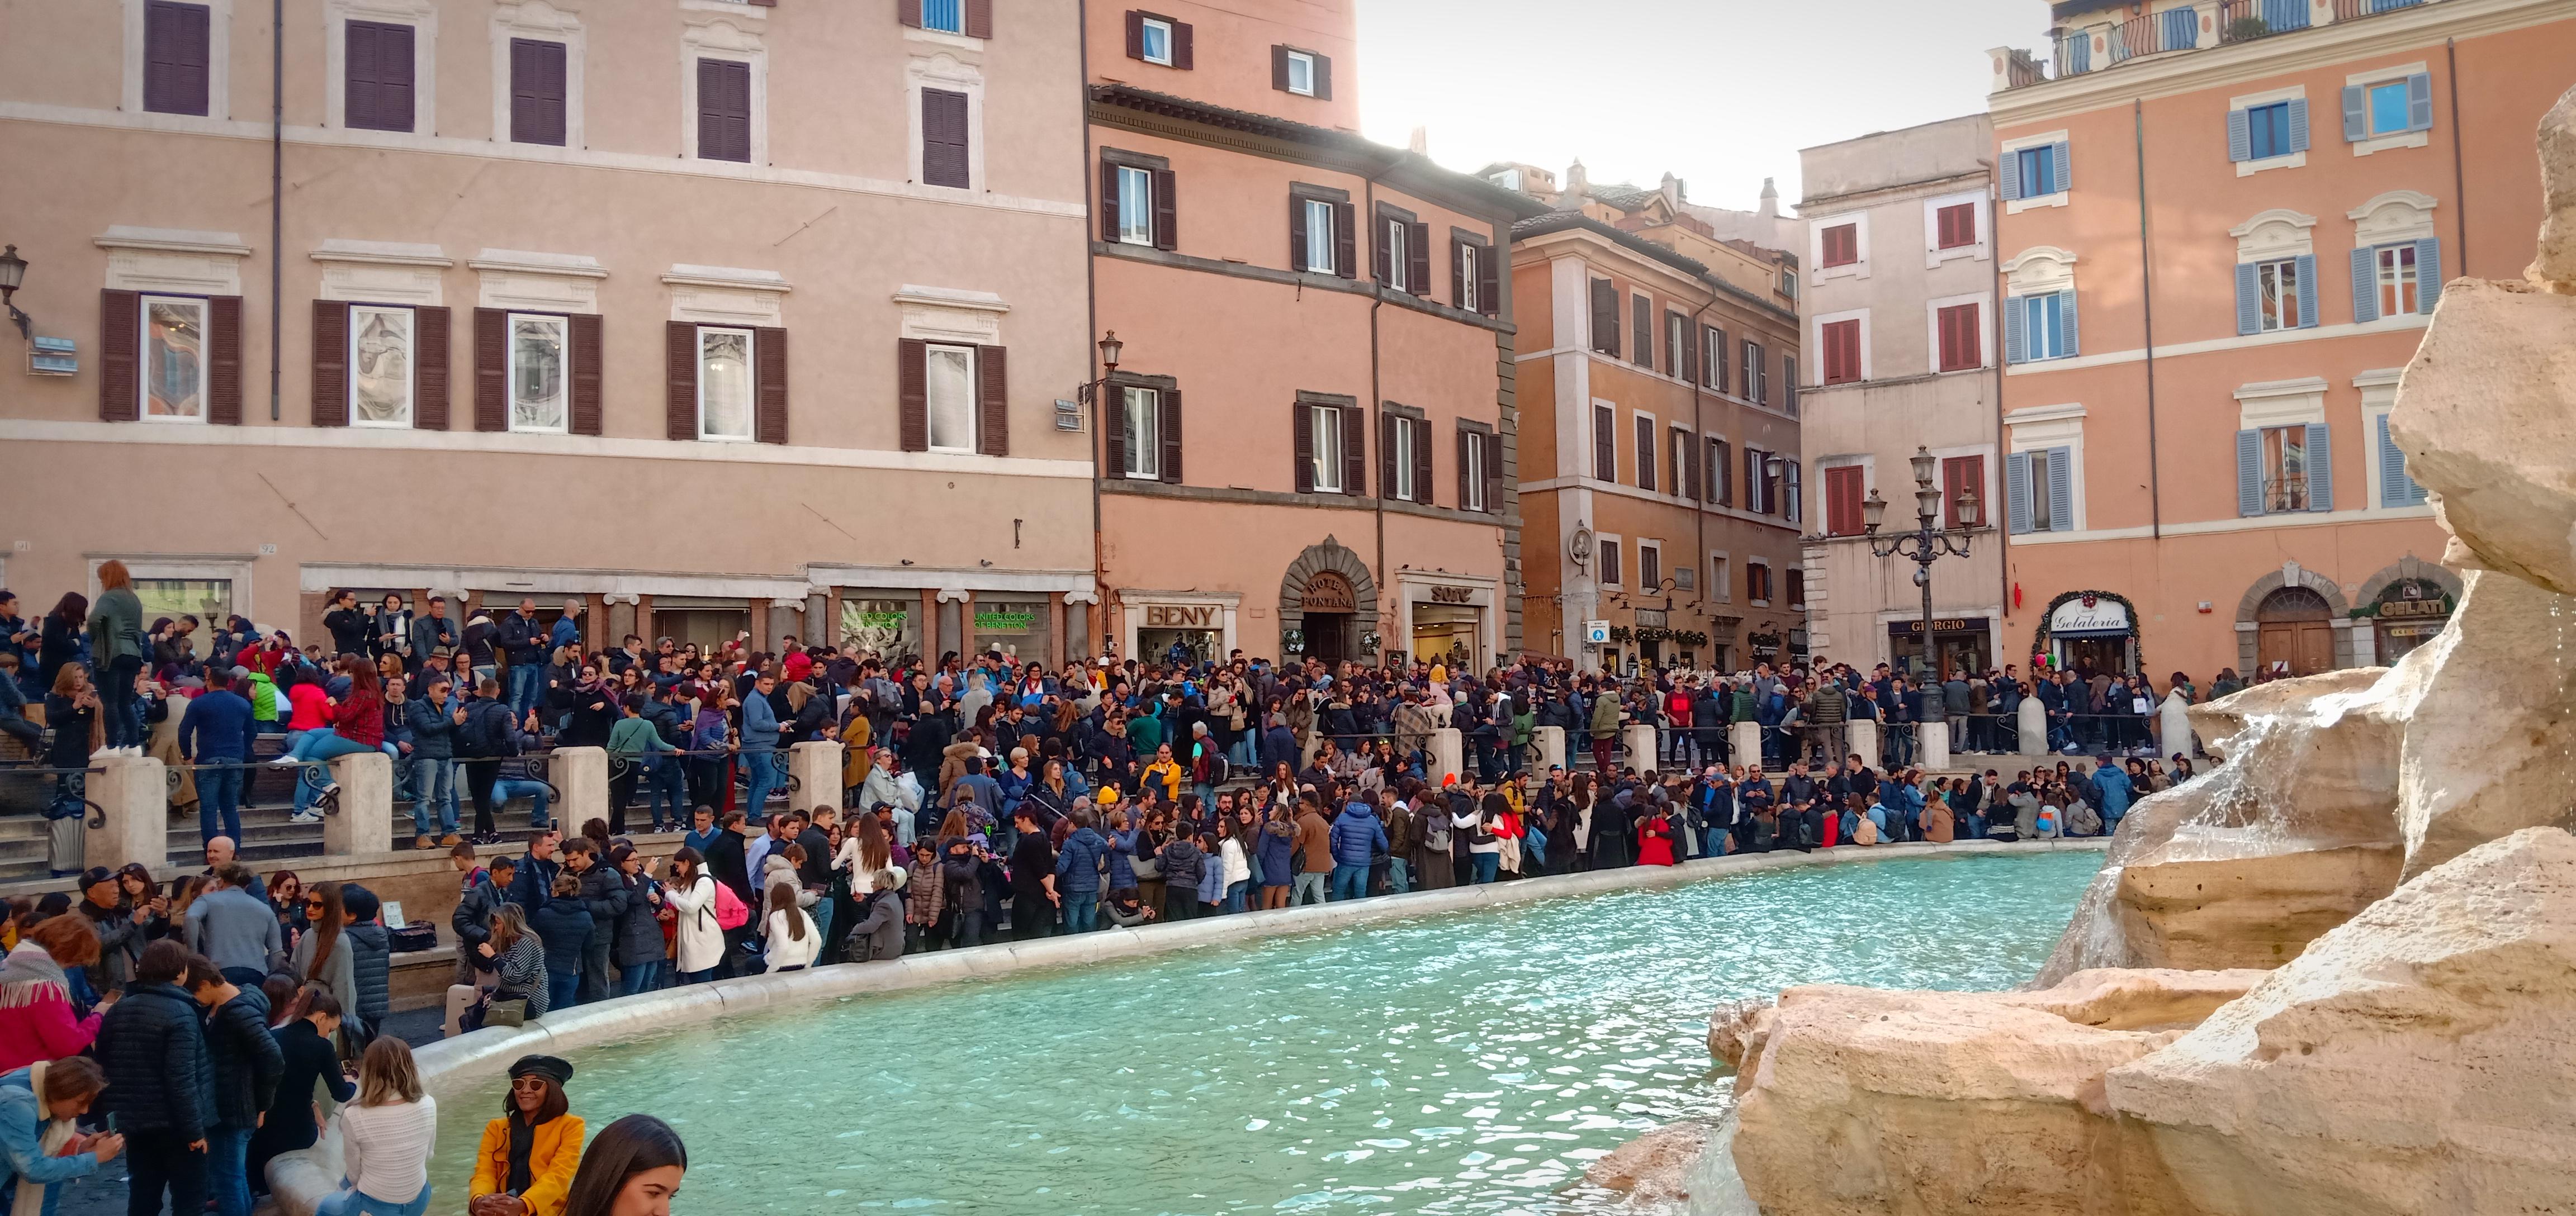 Una foto scattata a Roma vicino alla Fontana di Trevi a novembre 2018, gremita di turisti